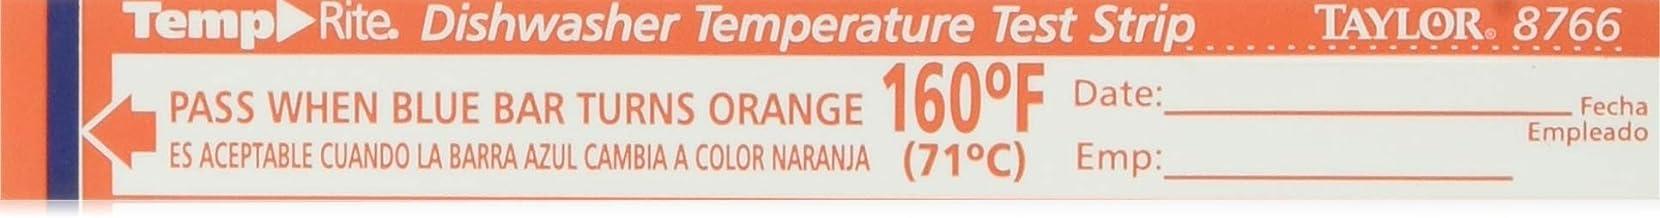 Taylor Precision 8766 TempRite Dishwasher Temp Strip - 25 / PK